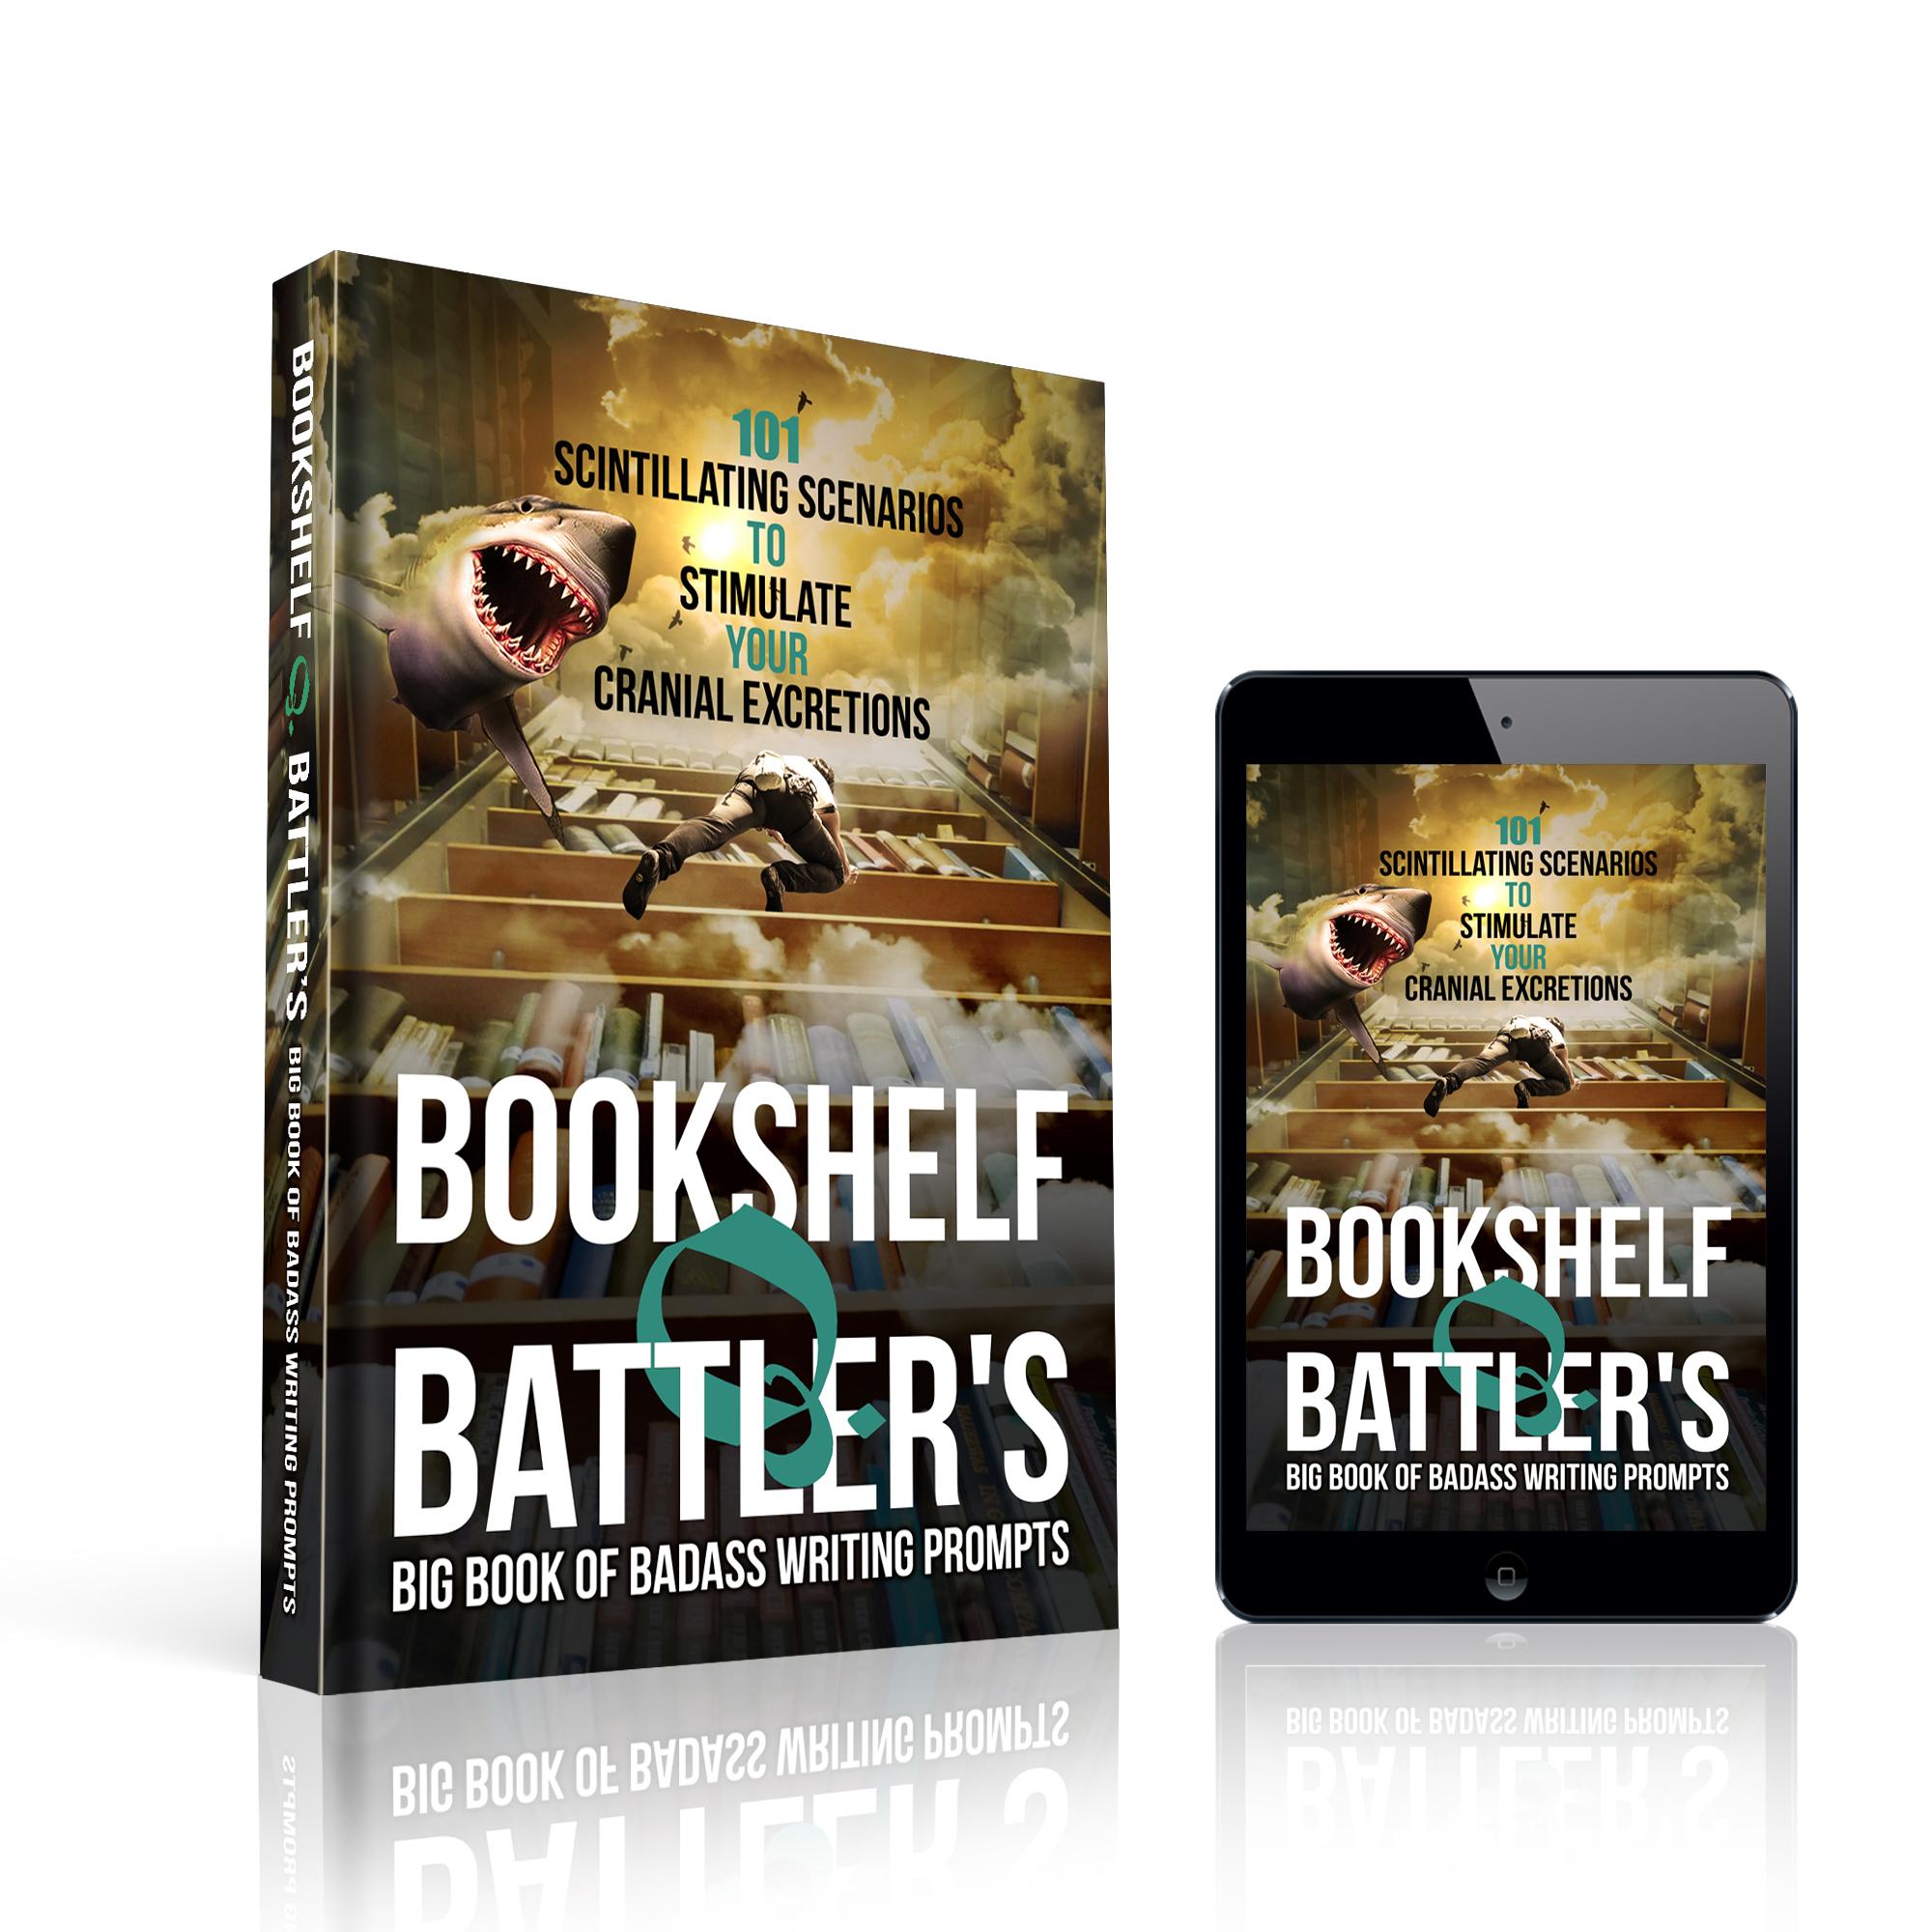 bookshelf-q-battlers-3d-2